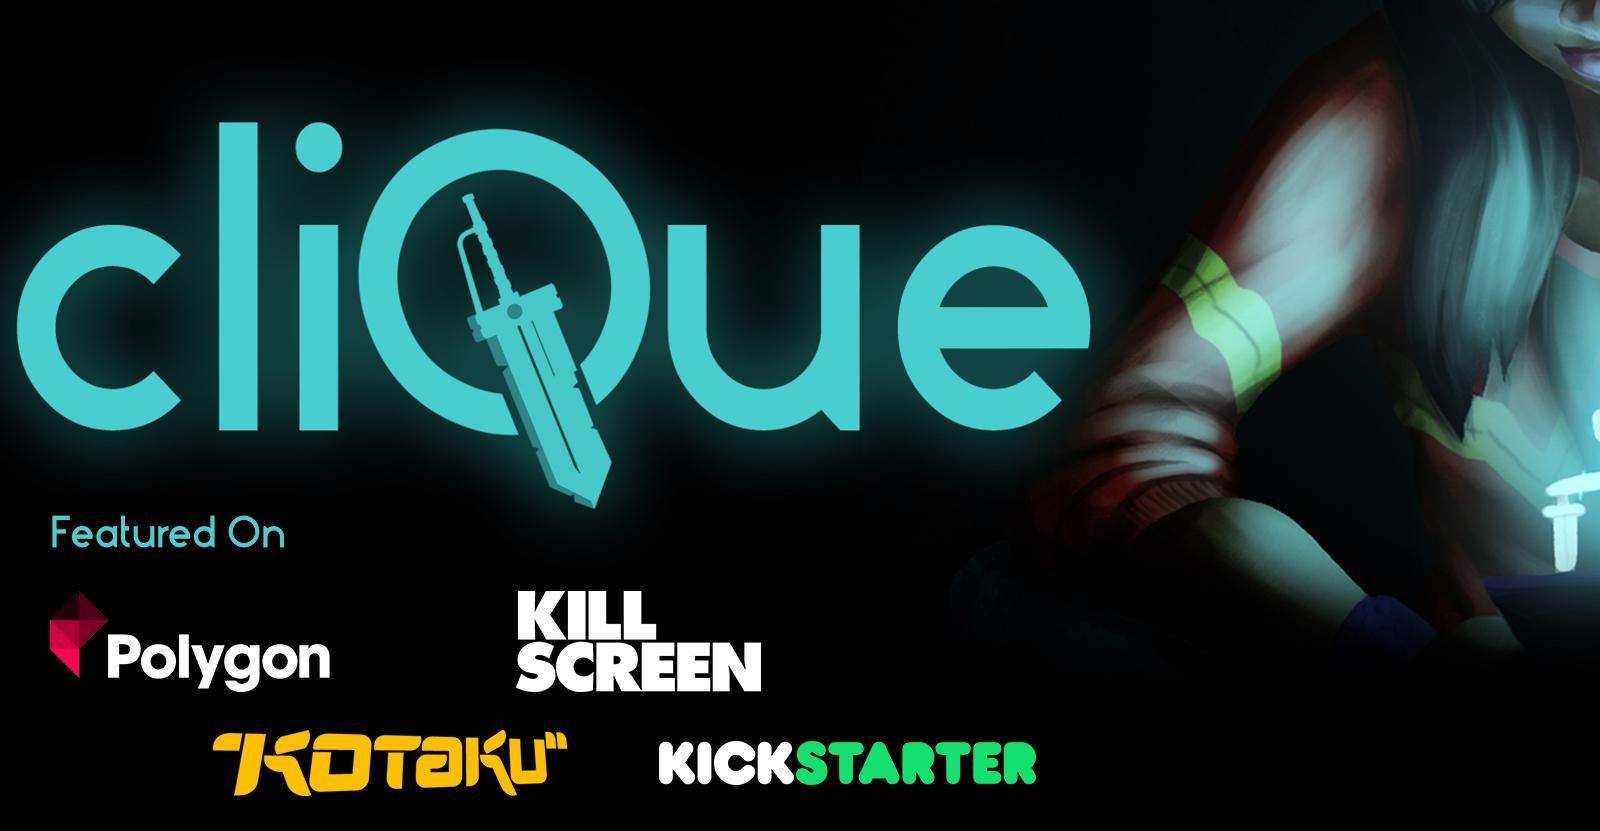 Clique (Kickstarter Game)